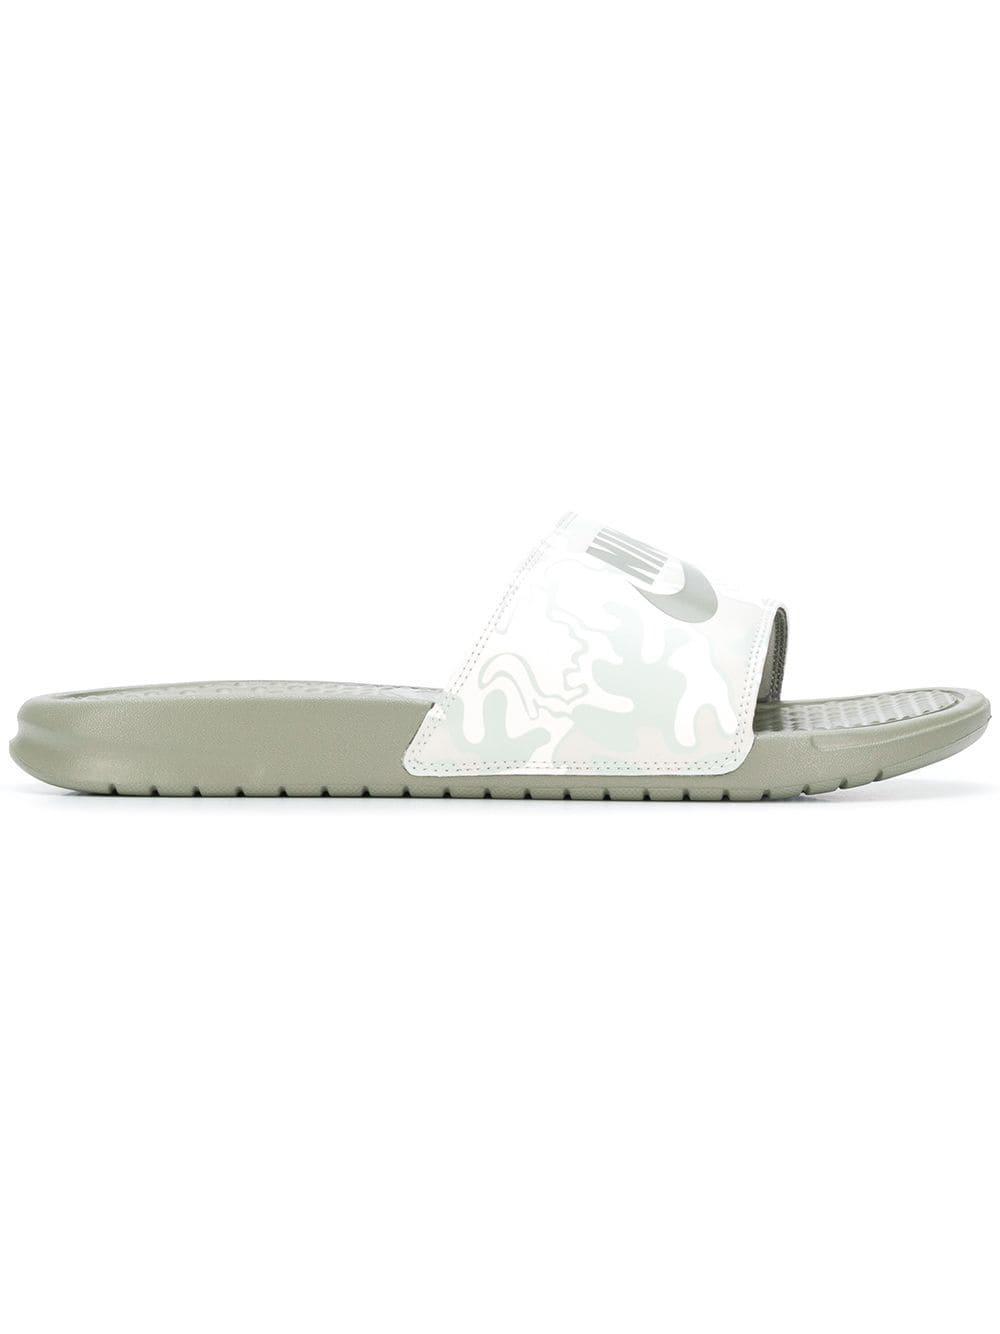 quality design c6110 76e98 Lyst - Claquettes Benassi JDI Nike pour homme en coloris Vert